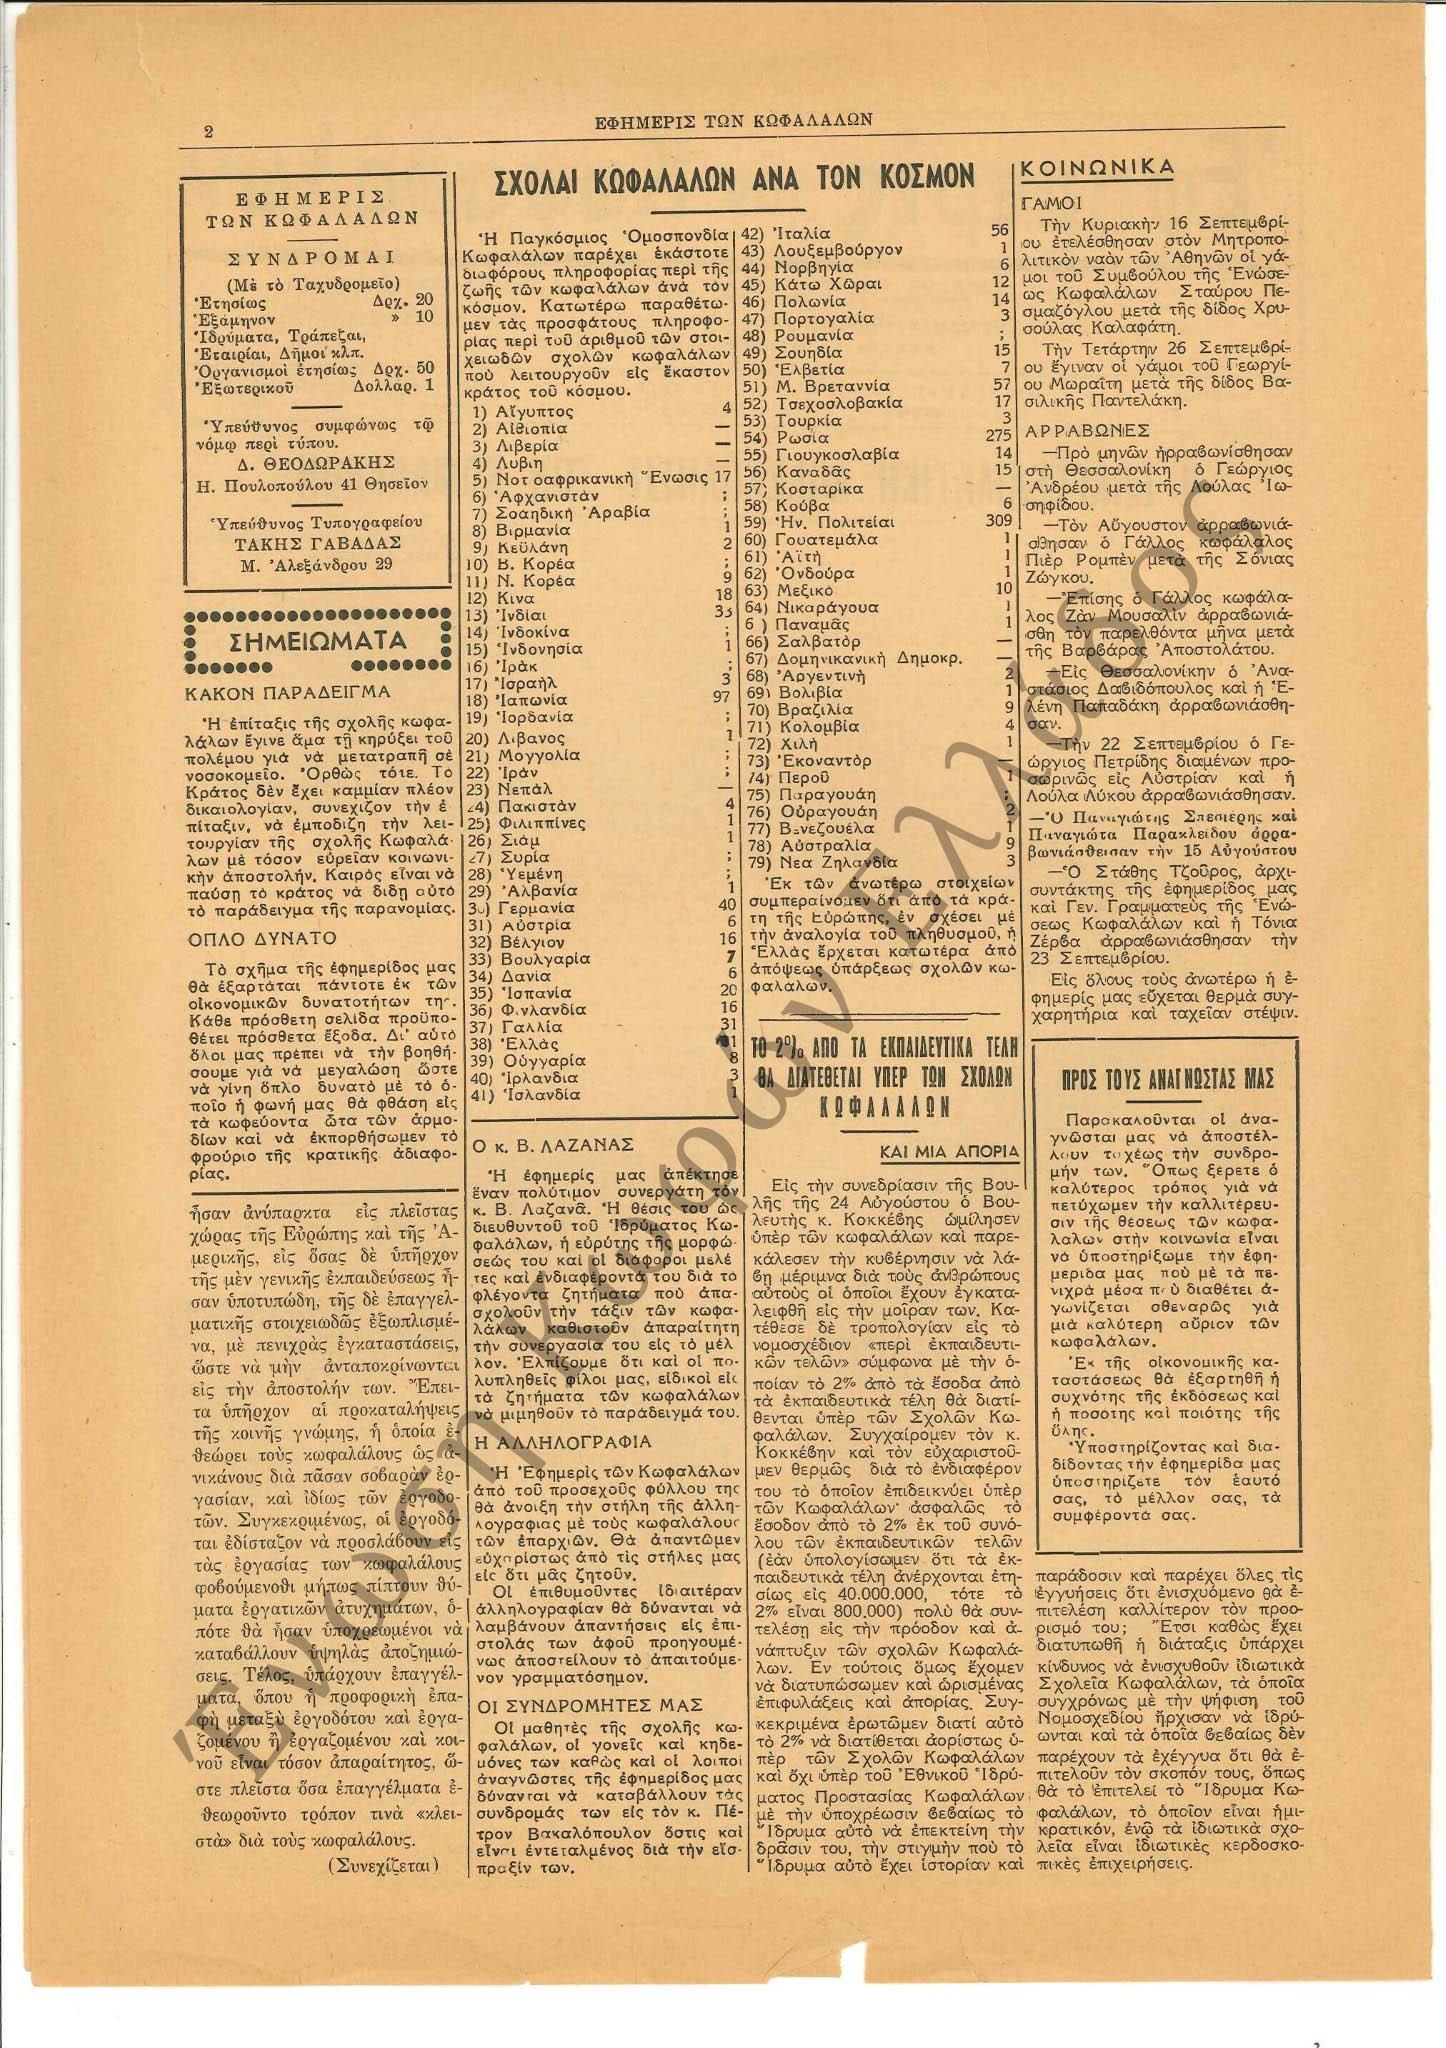 Εφημερίς των Κωφαλάλων 1956-Νοέμβριος 2